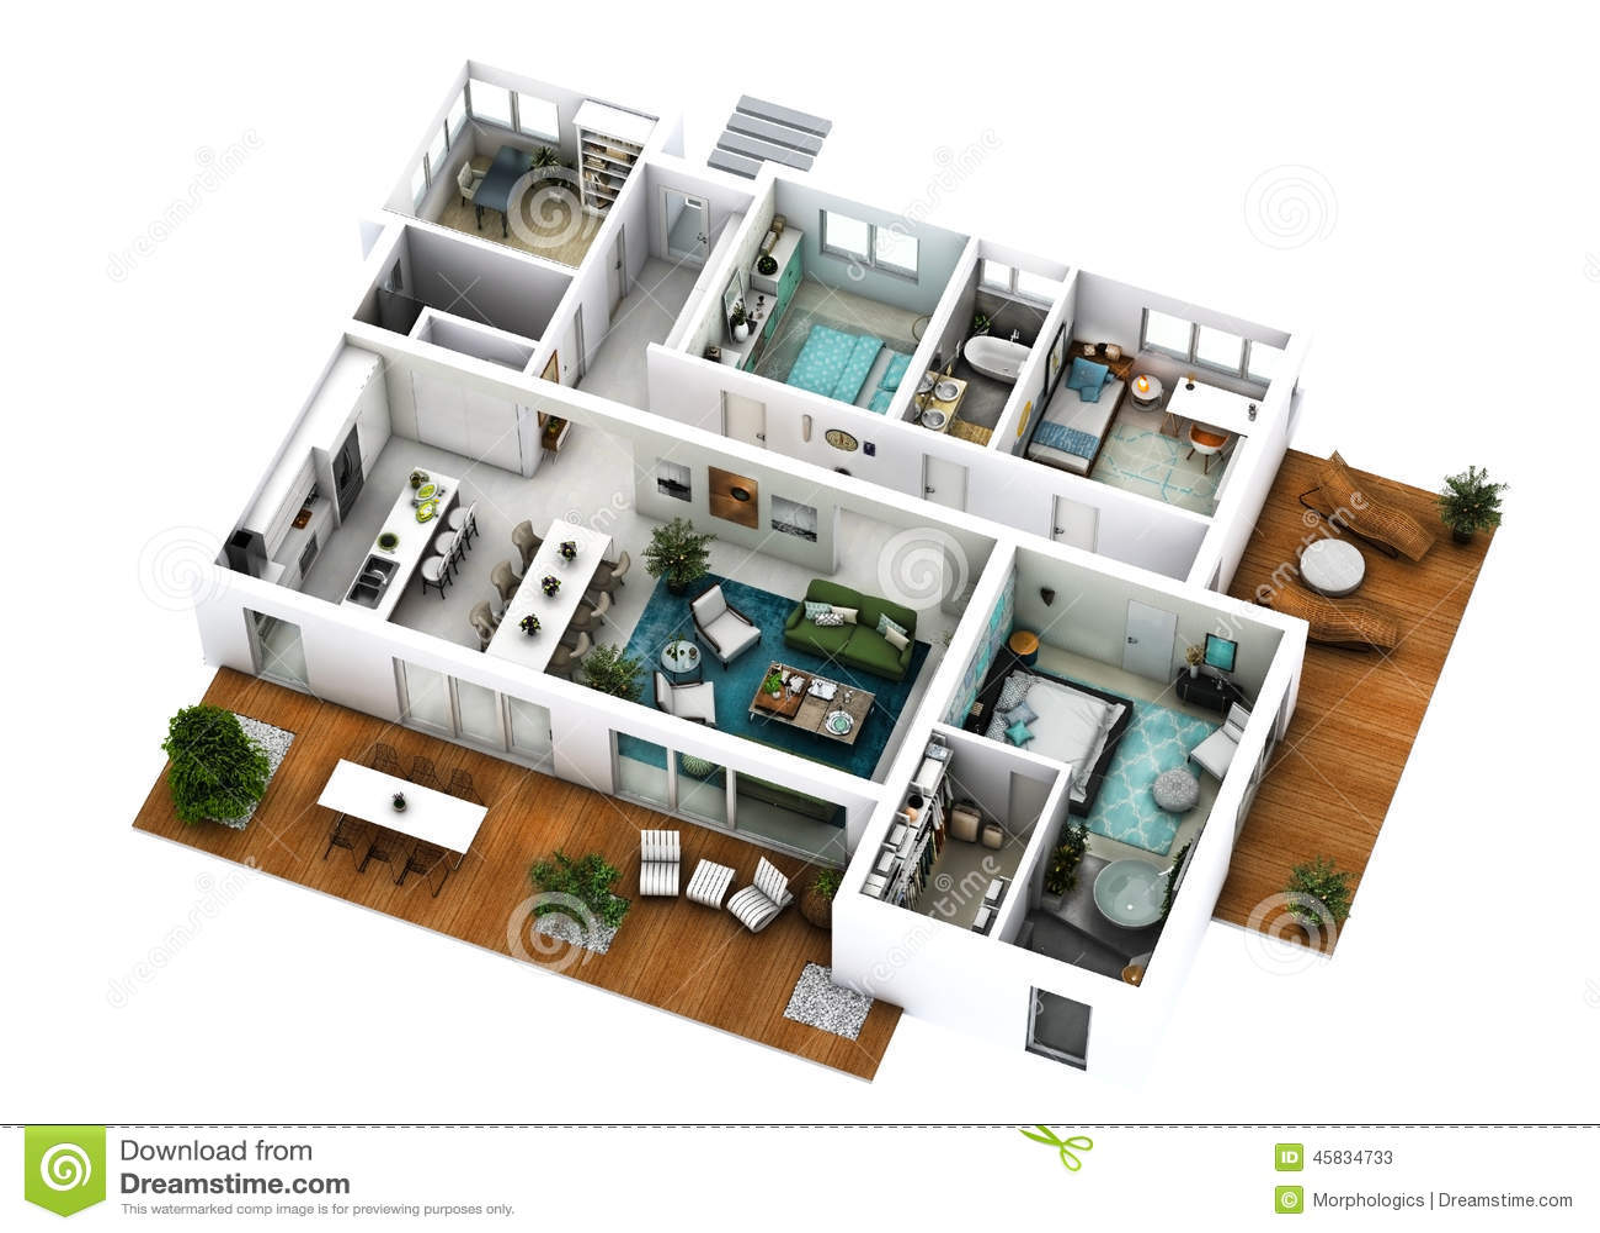 Bien-aimé Plan de l'étage 3D image stock. Image du décoration, balcon - 45834733 RI66